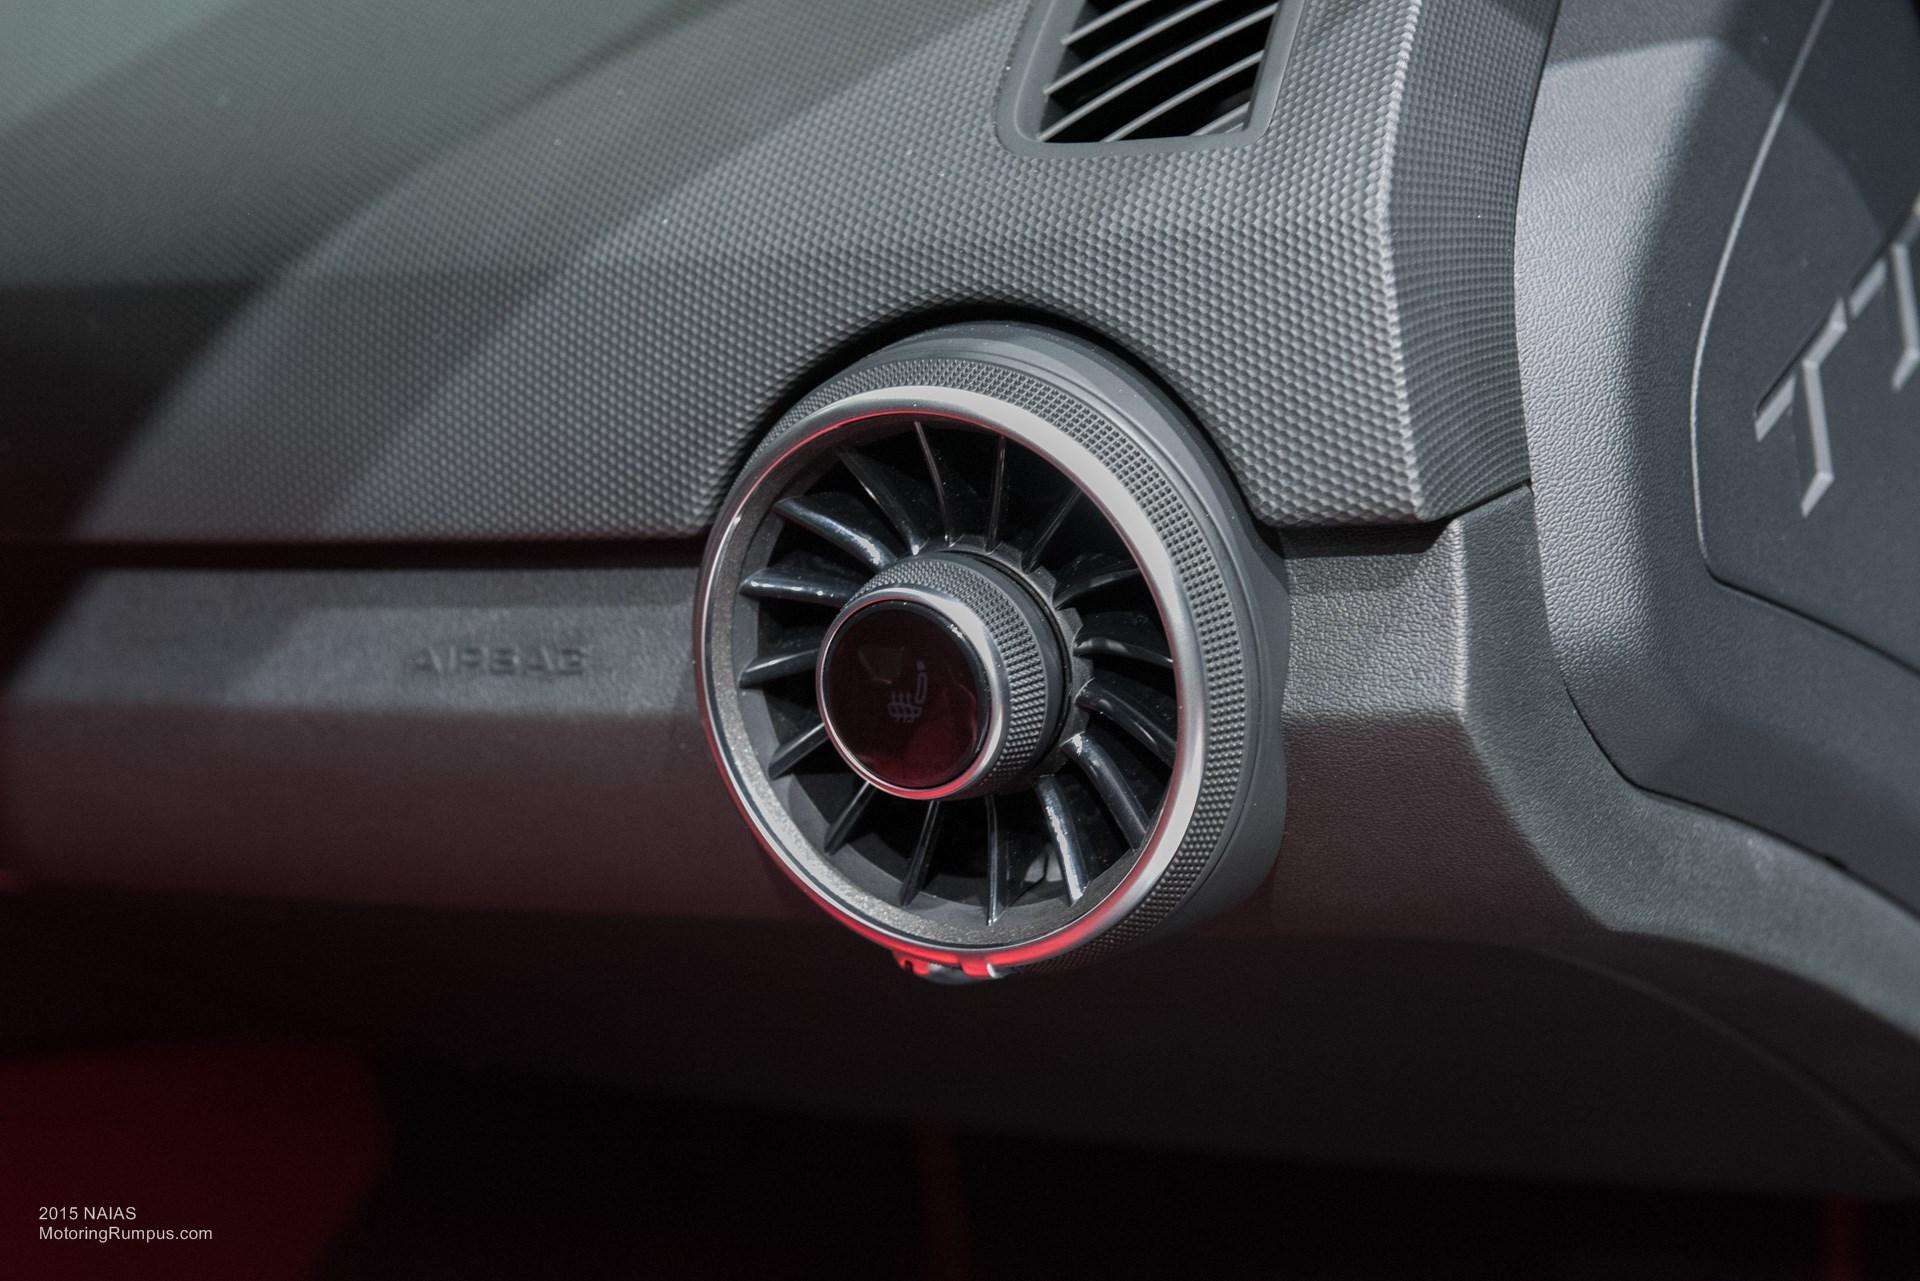 2015 NAIAS Audi TTS Heated Seat Button